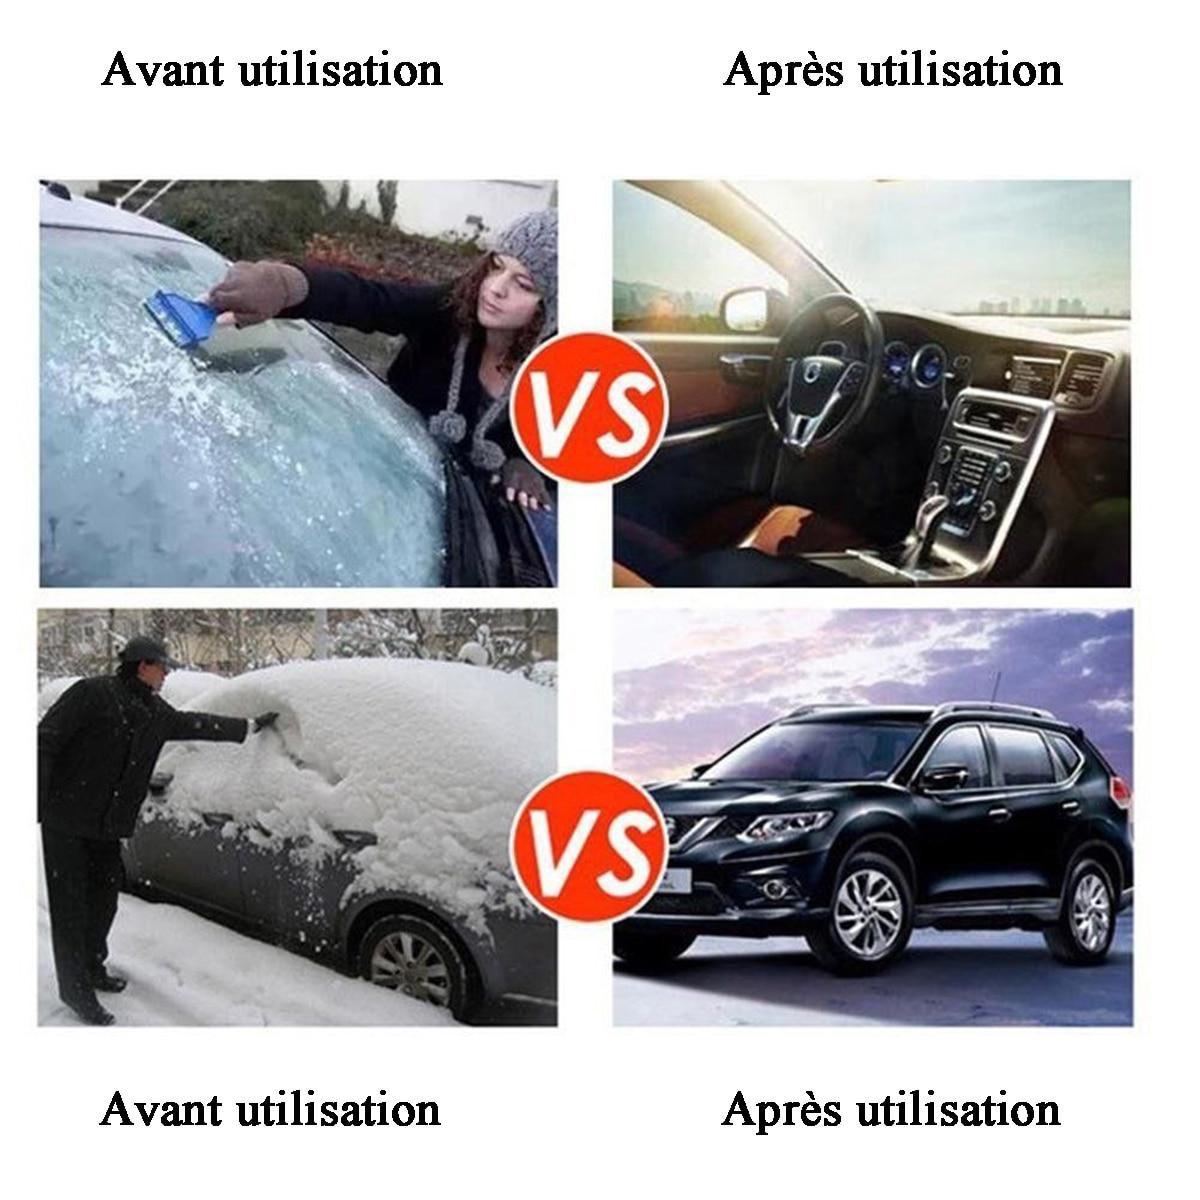 Réchauffeur de voiture 5KW 12 V Air Diesels chauffage de stationnement avec télécommande moniteur LCD pour vr, camping-Car remorque, camions, bateaux - 5